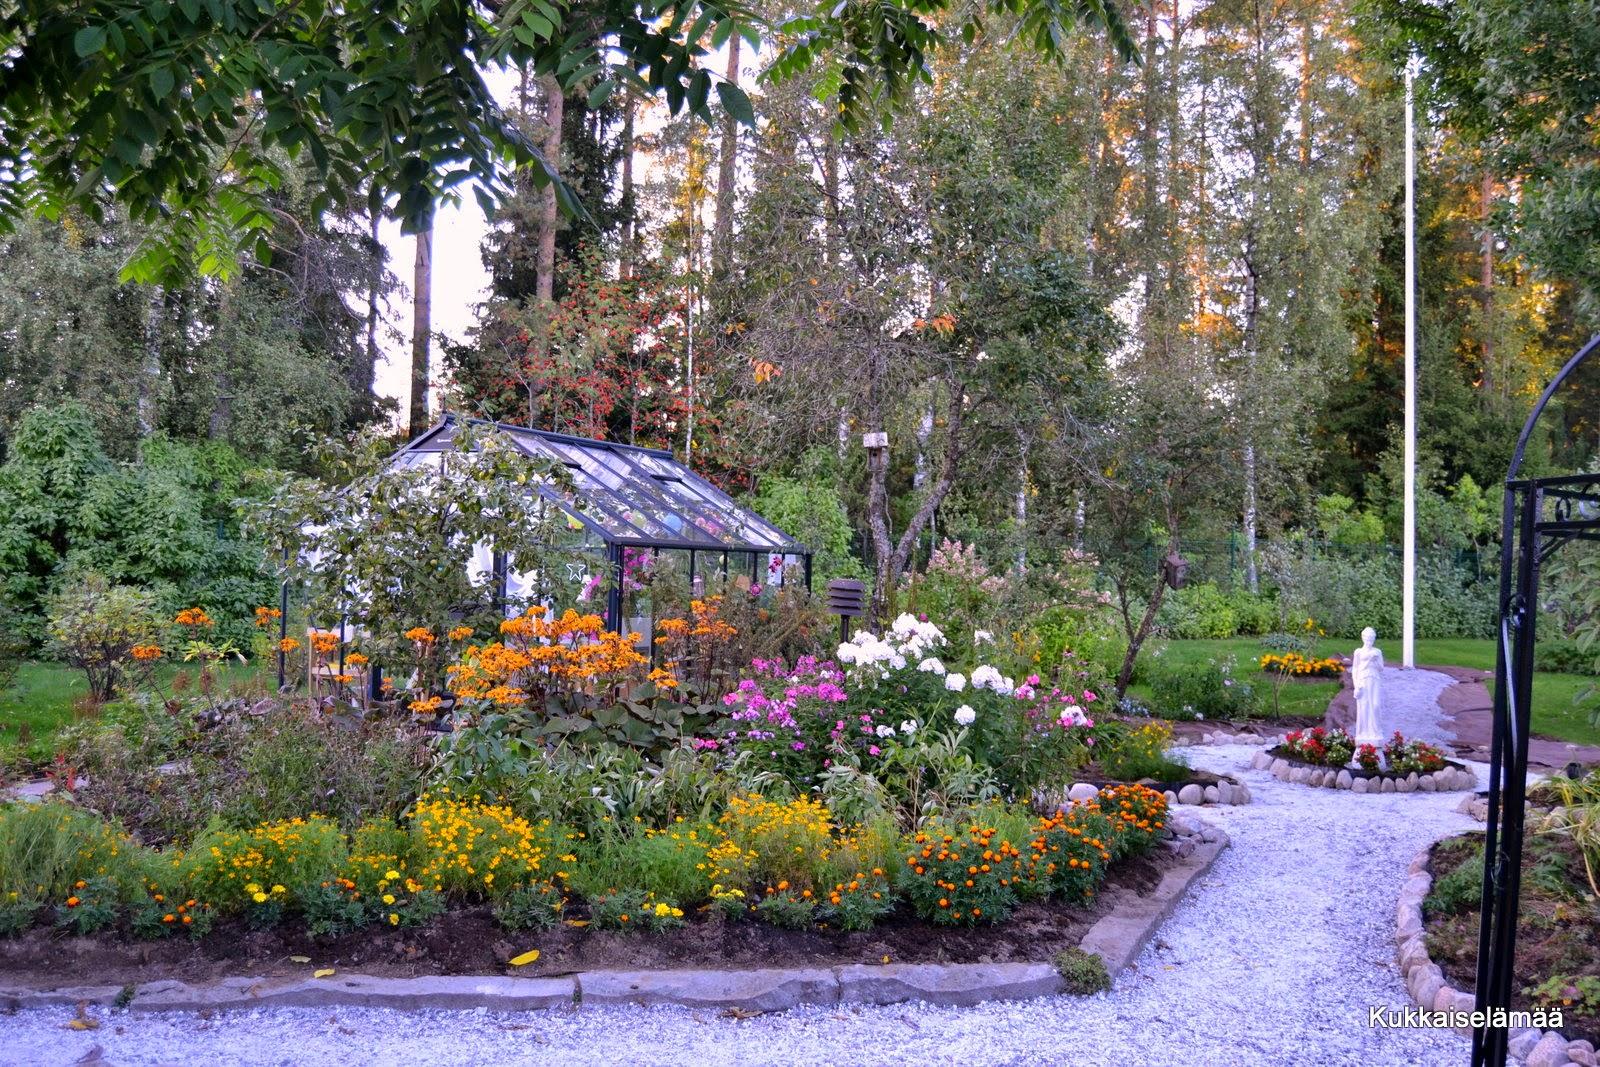 Patsaan pystytys ja huomenna ARVOTAAN! – Garden project